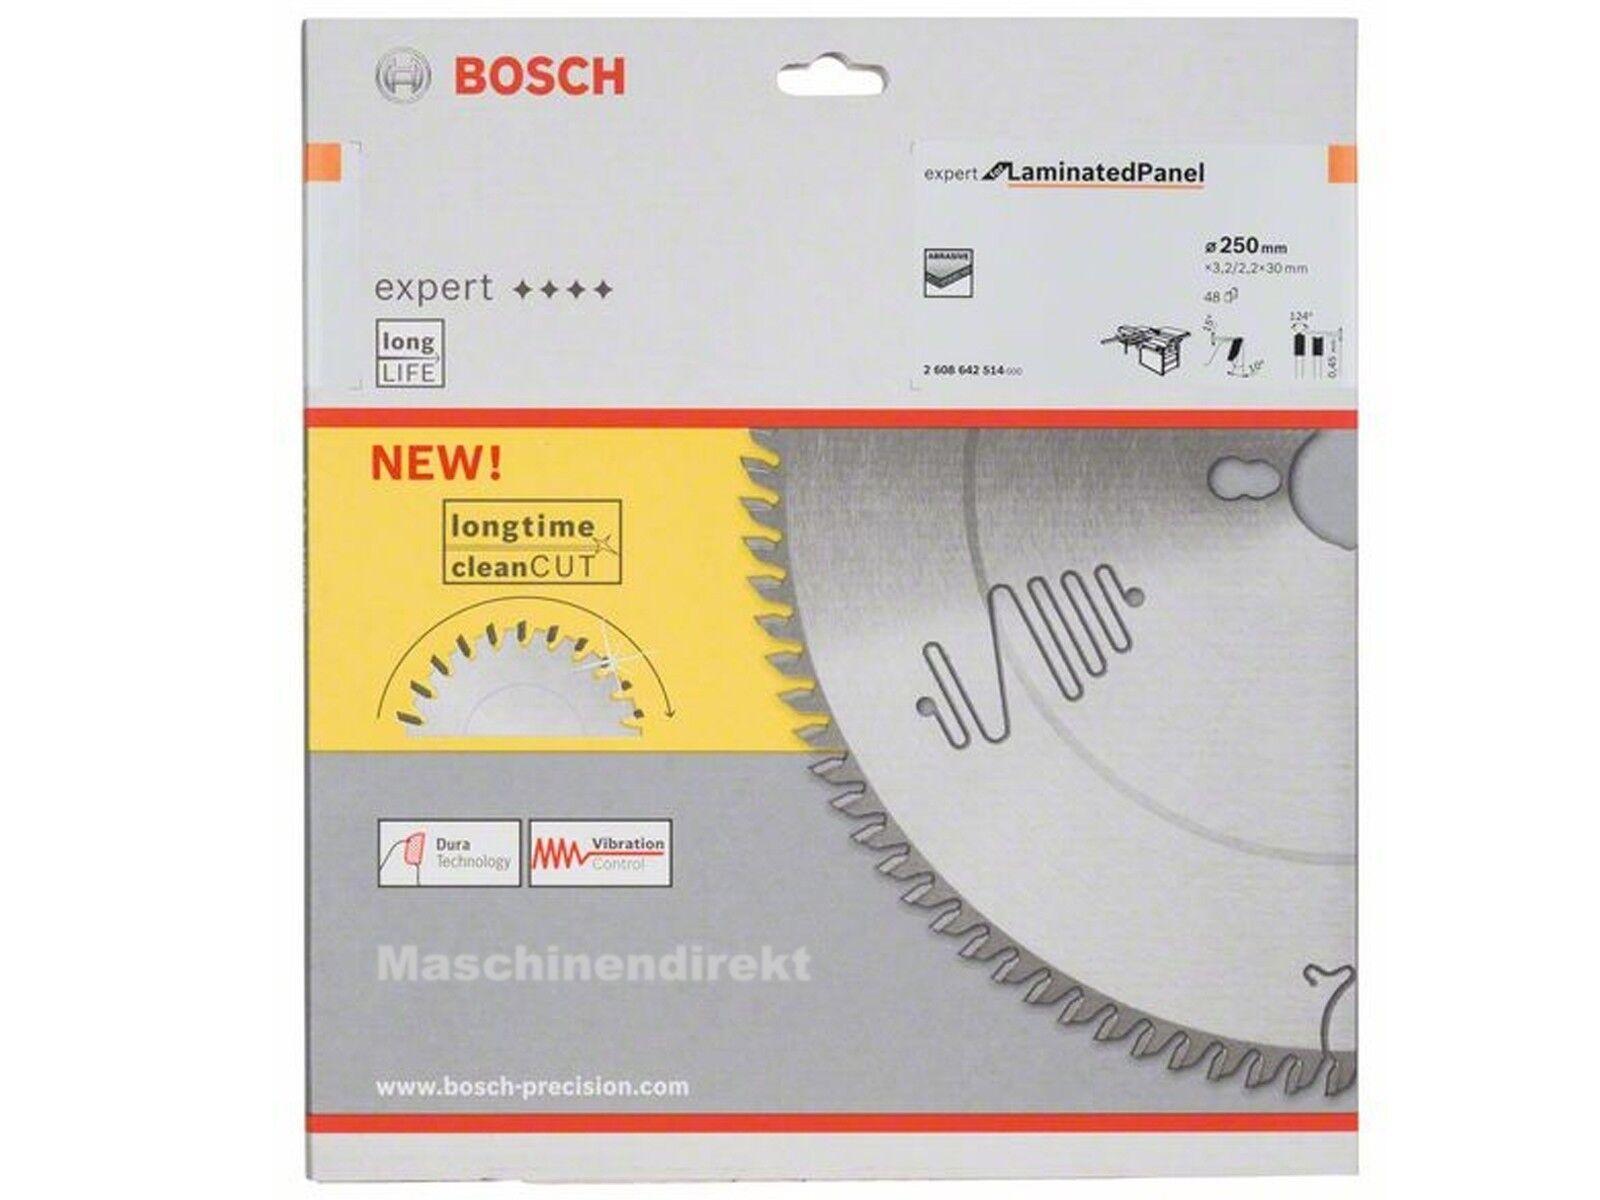 Bosch Kreissägeblatt  2608642514 Expert  Laminated Panel Sägeblatt 250 x 30 Z 48